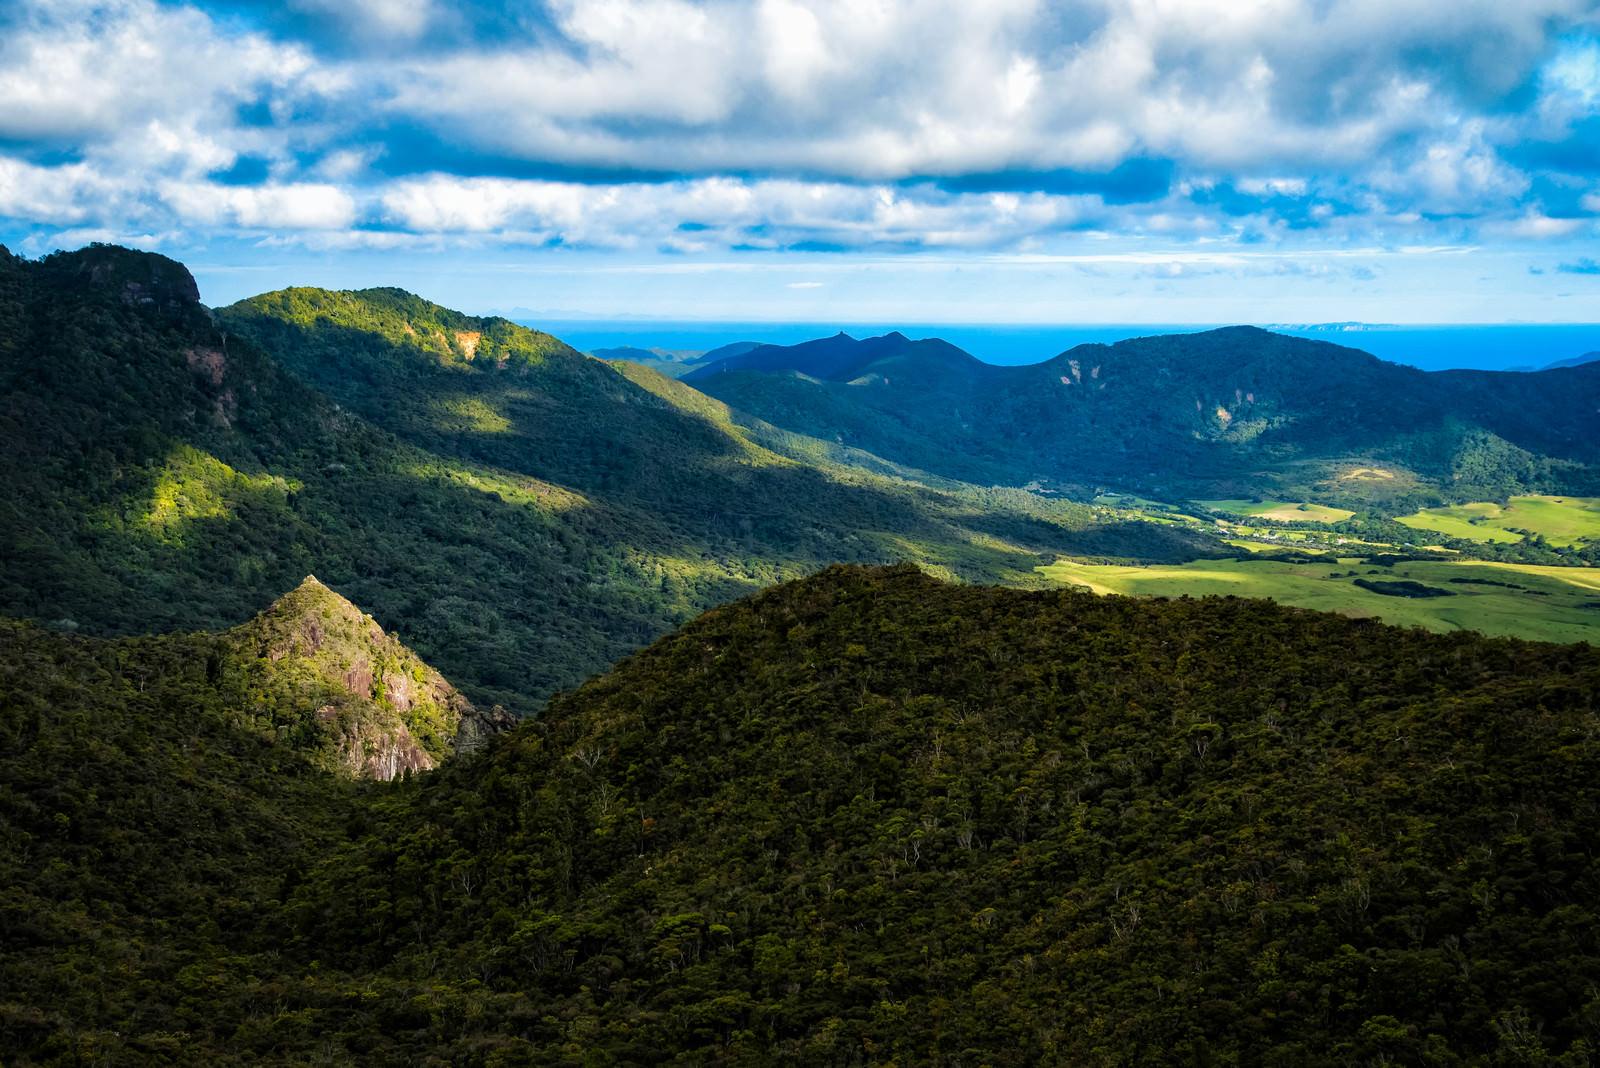 「アオテアのトレッキング中に望む絶景(ニュージーランド)」の写真